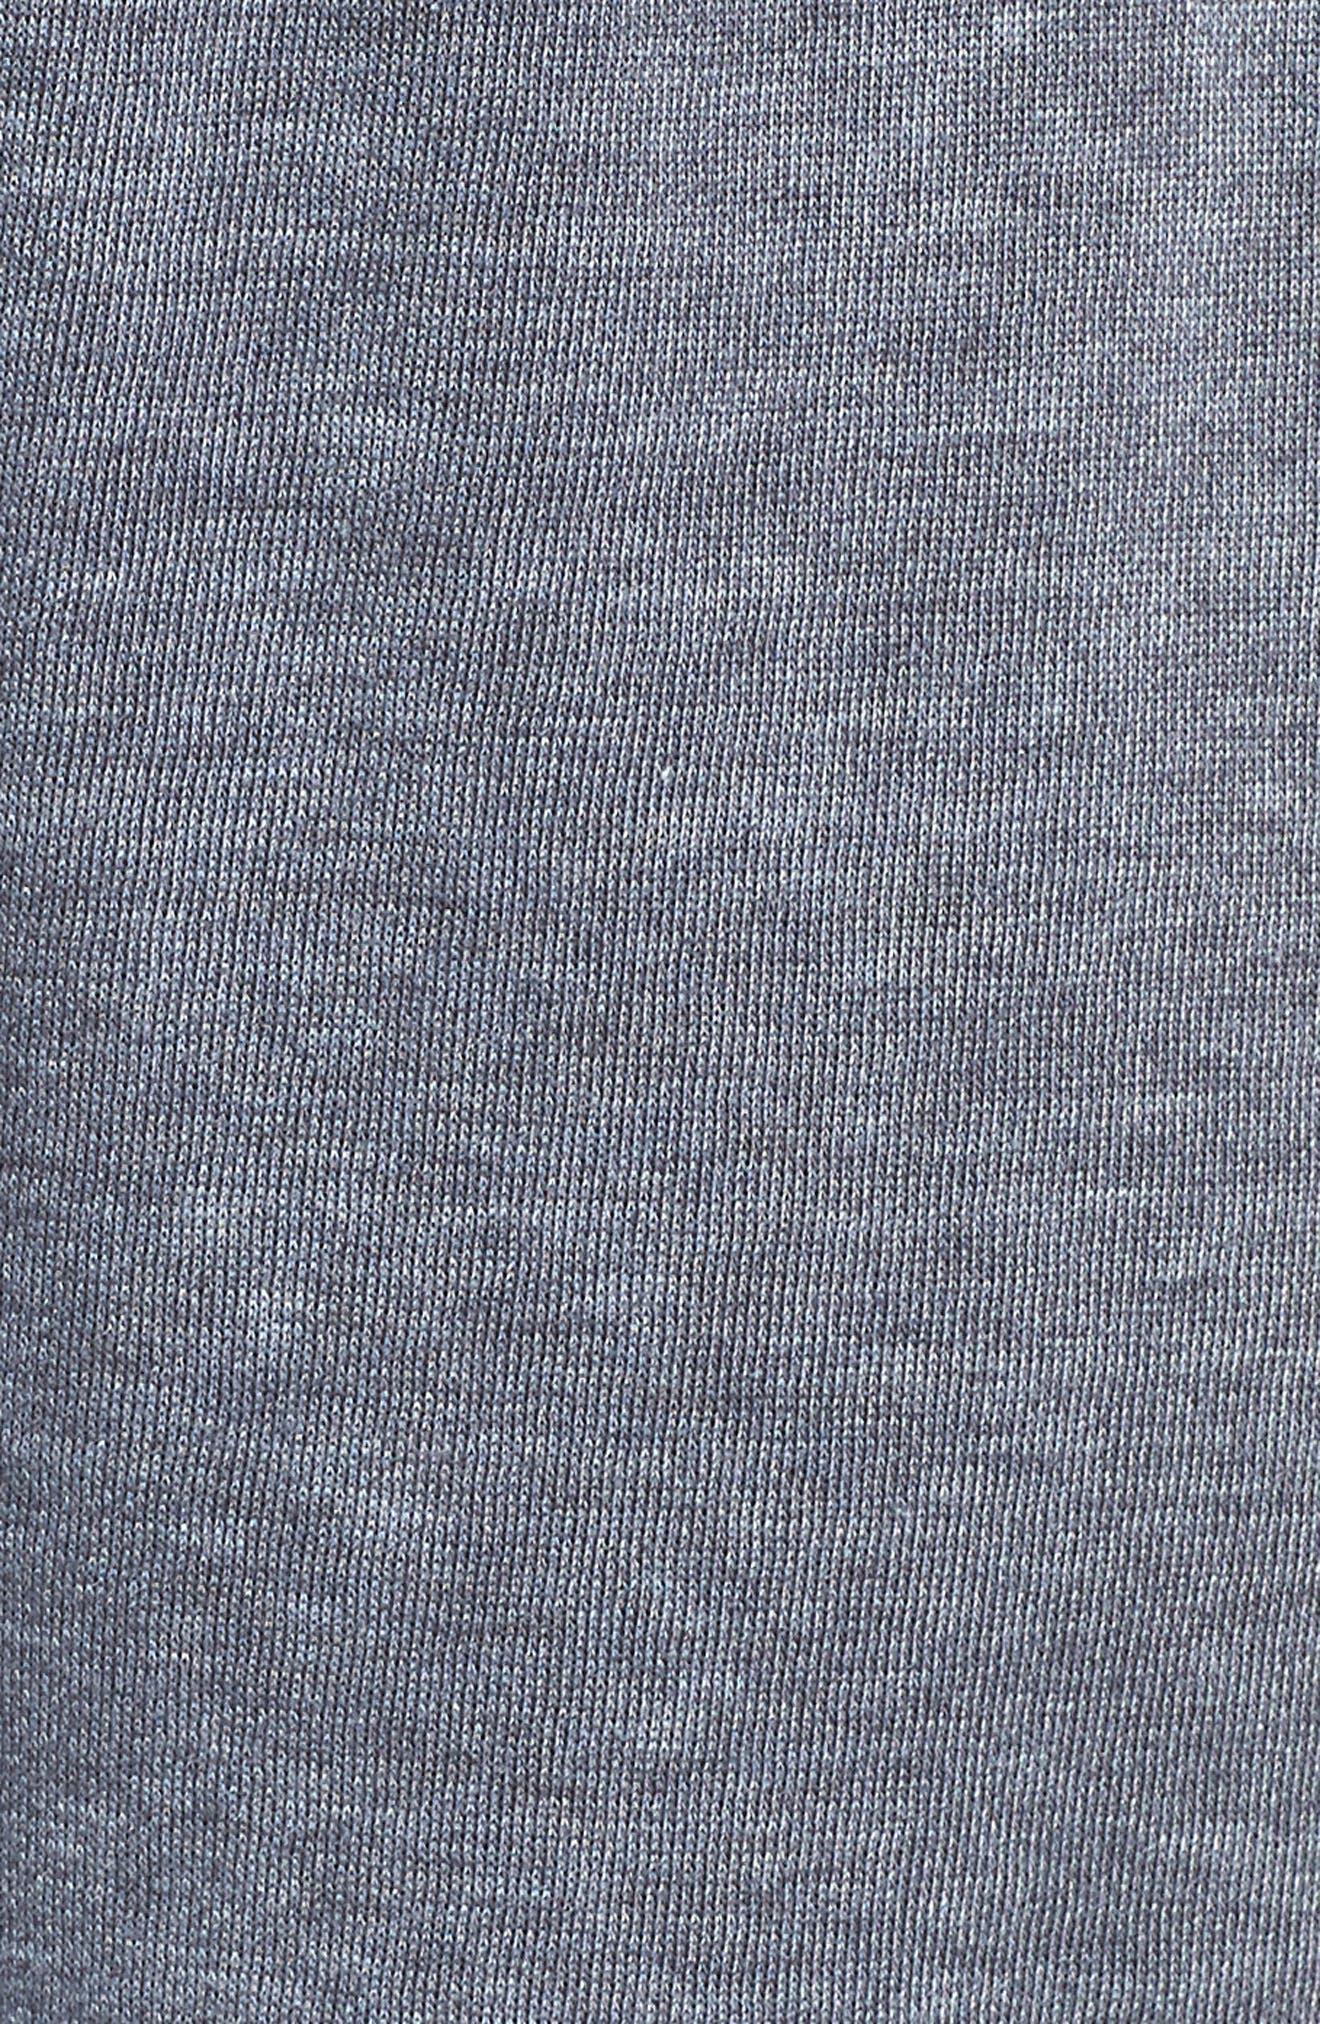 Riya Fashion Fleece Sweatpants,                             Alternate thumbnail 6, color,                             020